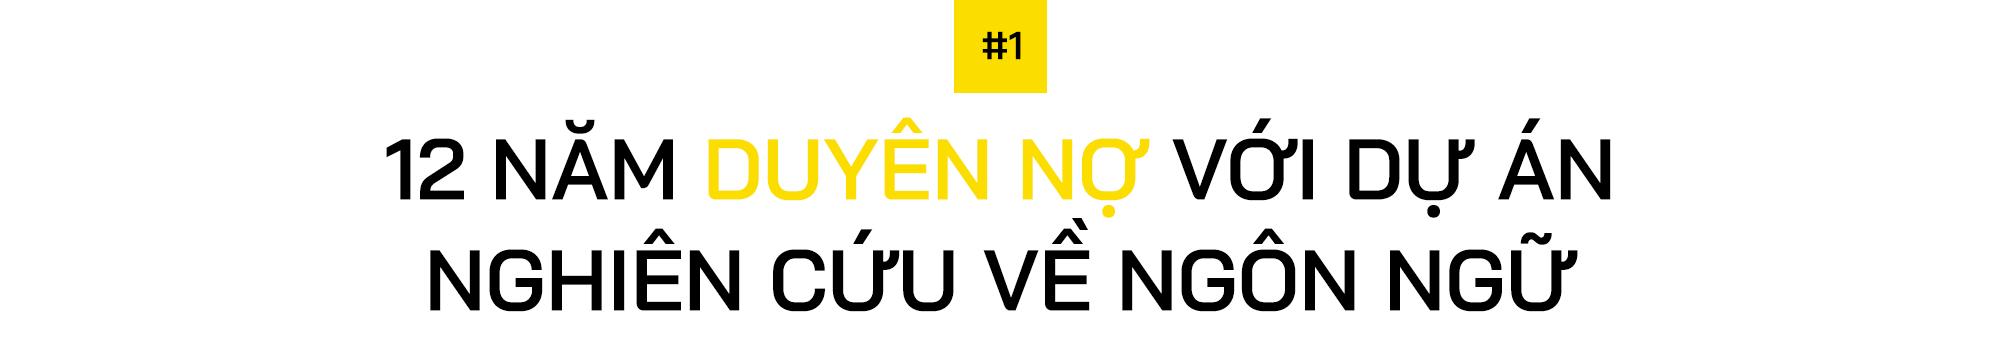 Vbee - Chặng đường 12 năm xây dựng giải pháp ngôn ngữ cho người Việt - 2